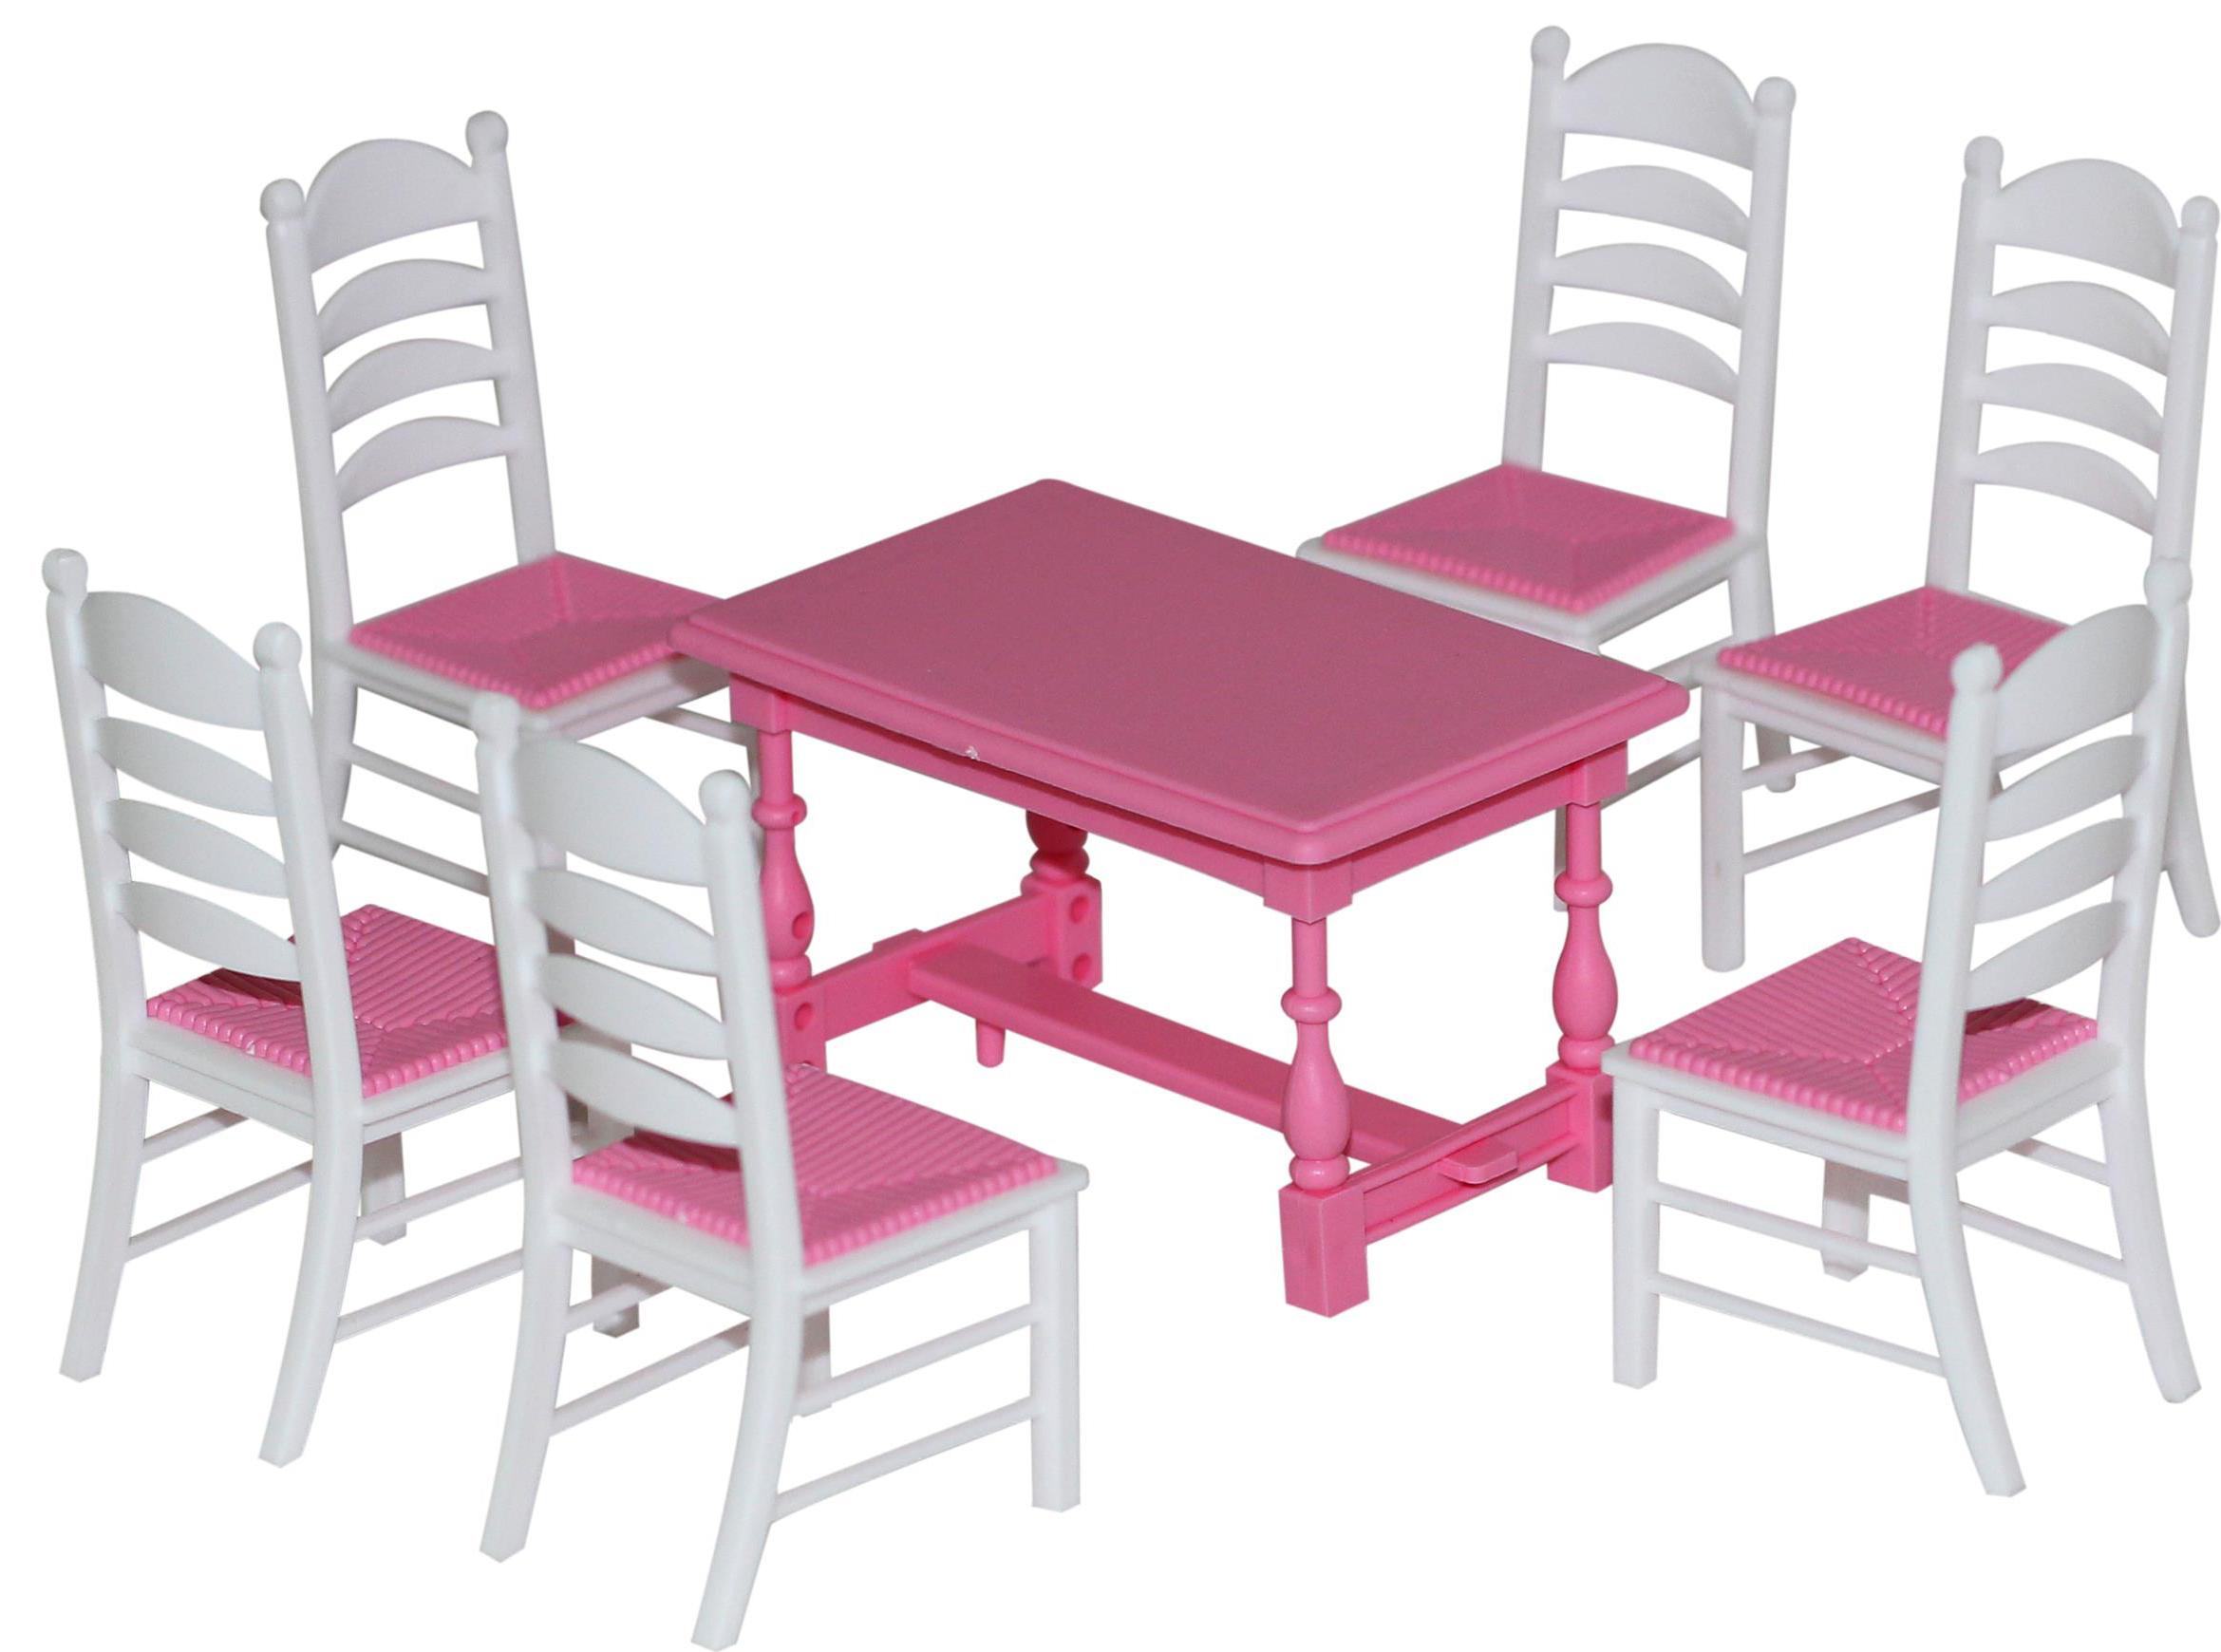 Купить Набор мебели для кукол, 7 элементов, Полесье